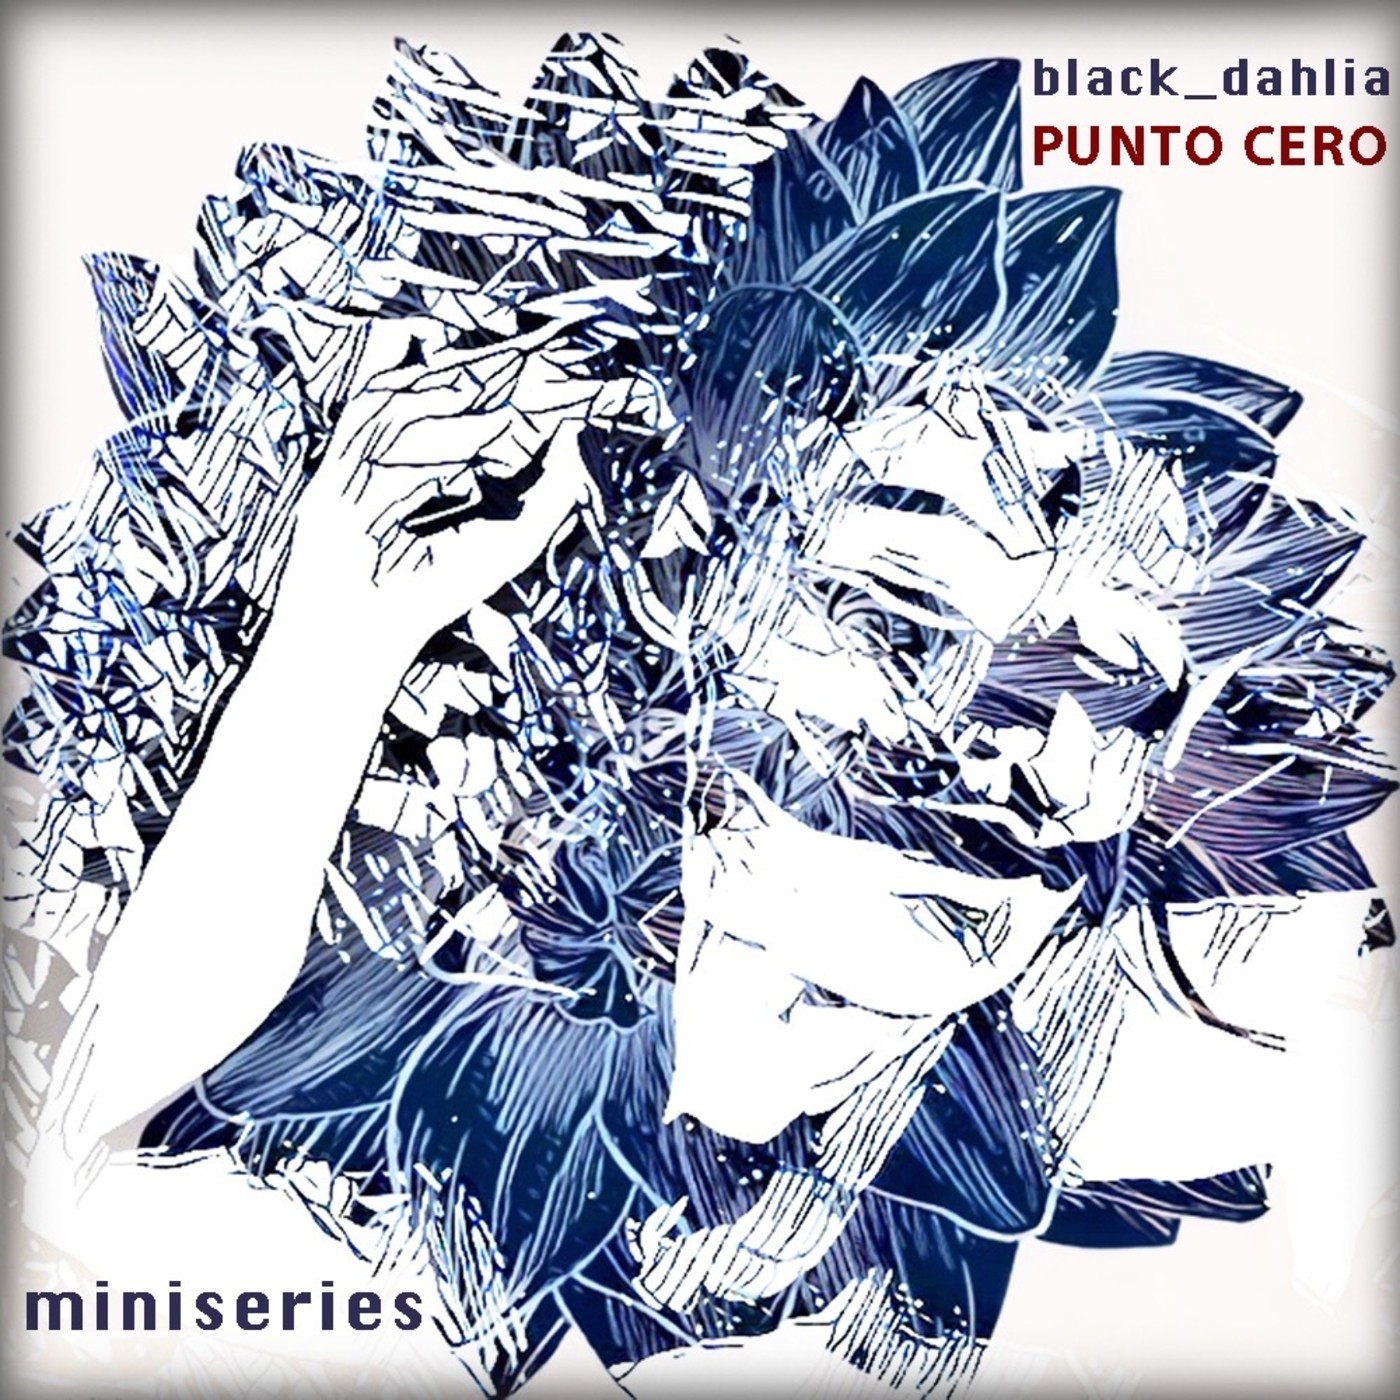 Miniseries Black Dahlia Punto Cero8 : La Chica B (La Dalia Negra)